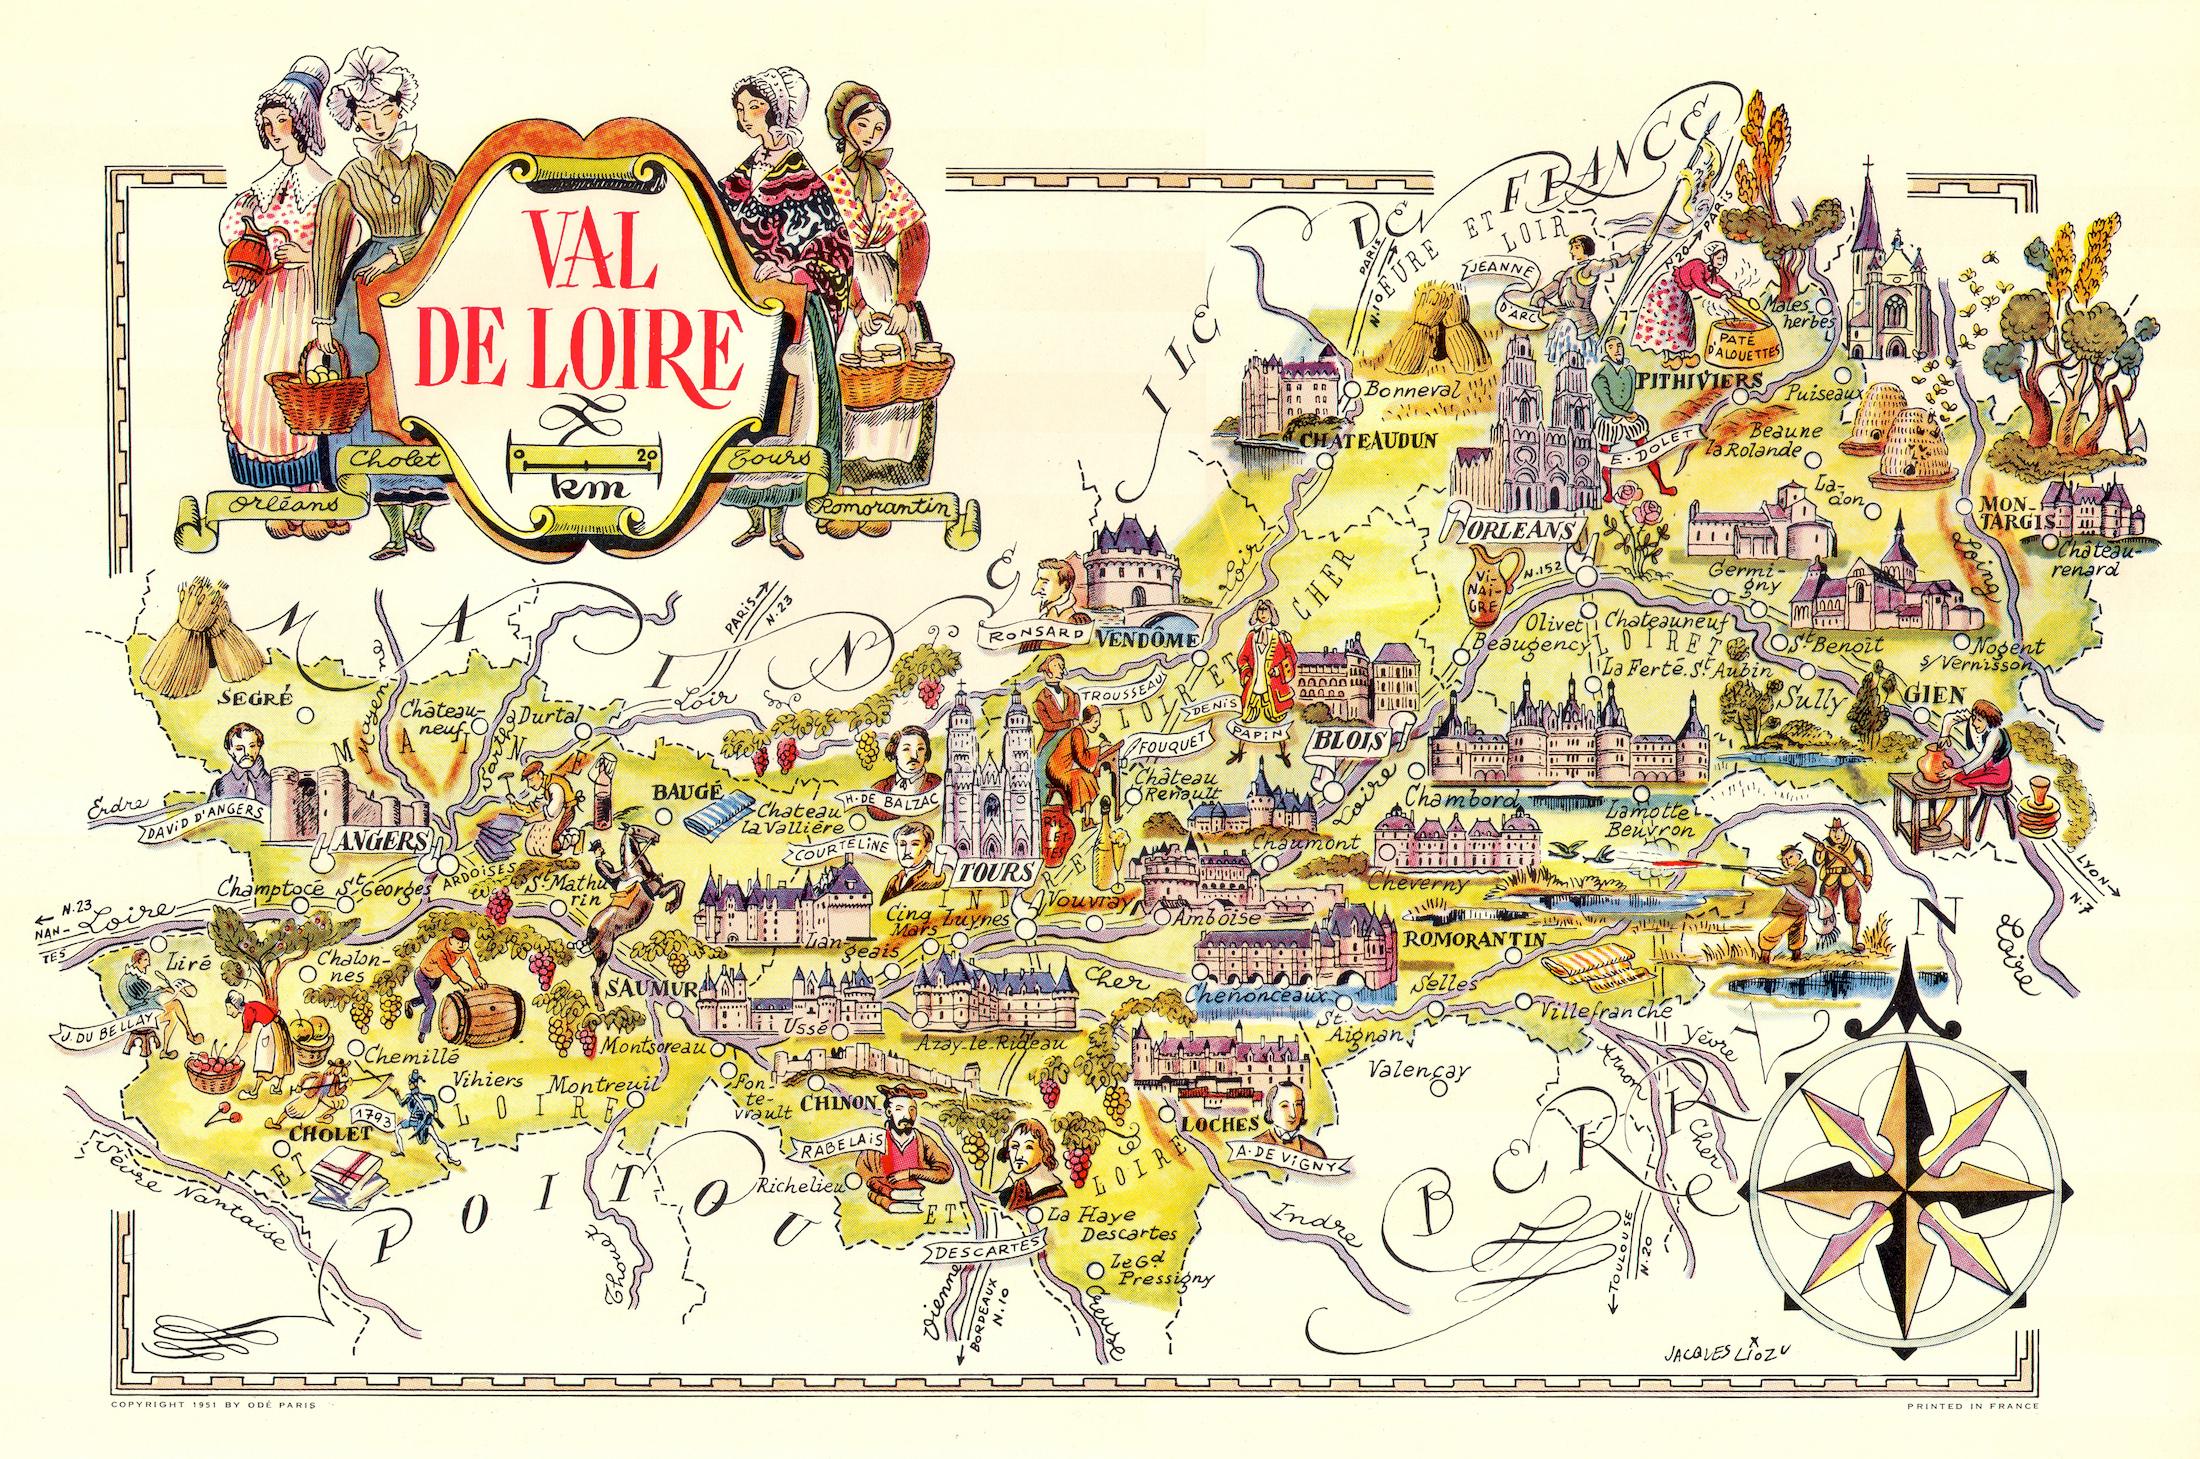 Cartina Geografica Della Loira Francia.Val De Loire Idea Rare Maps